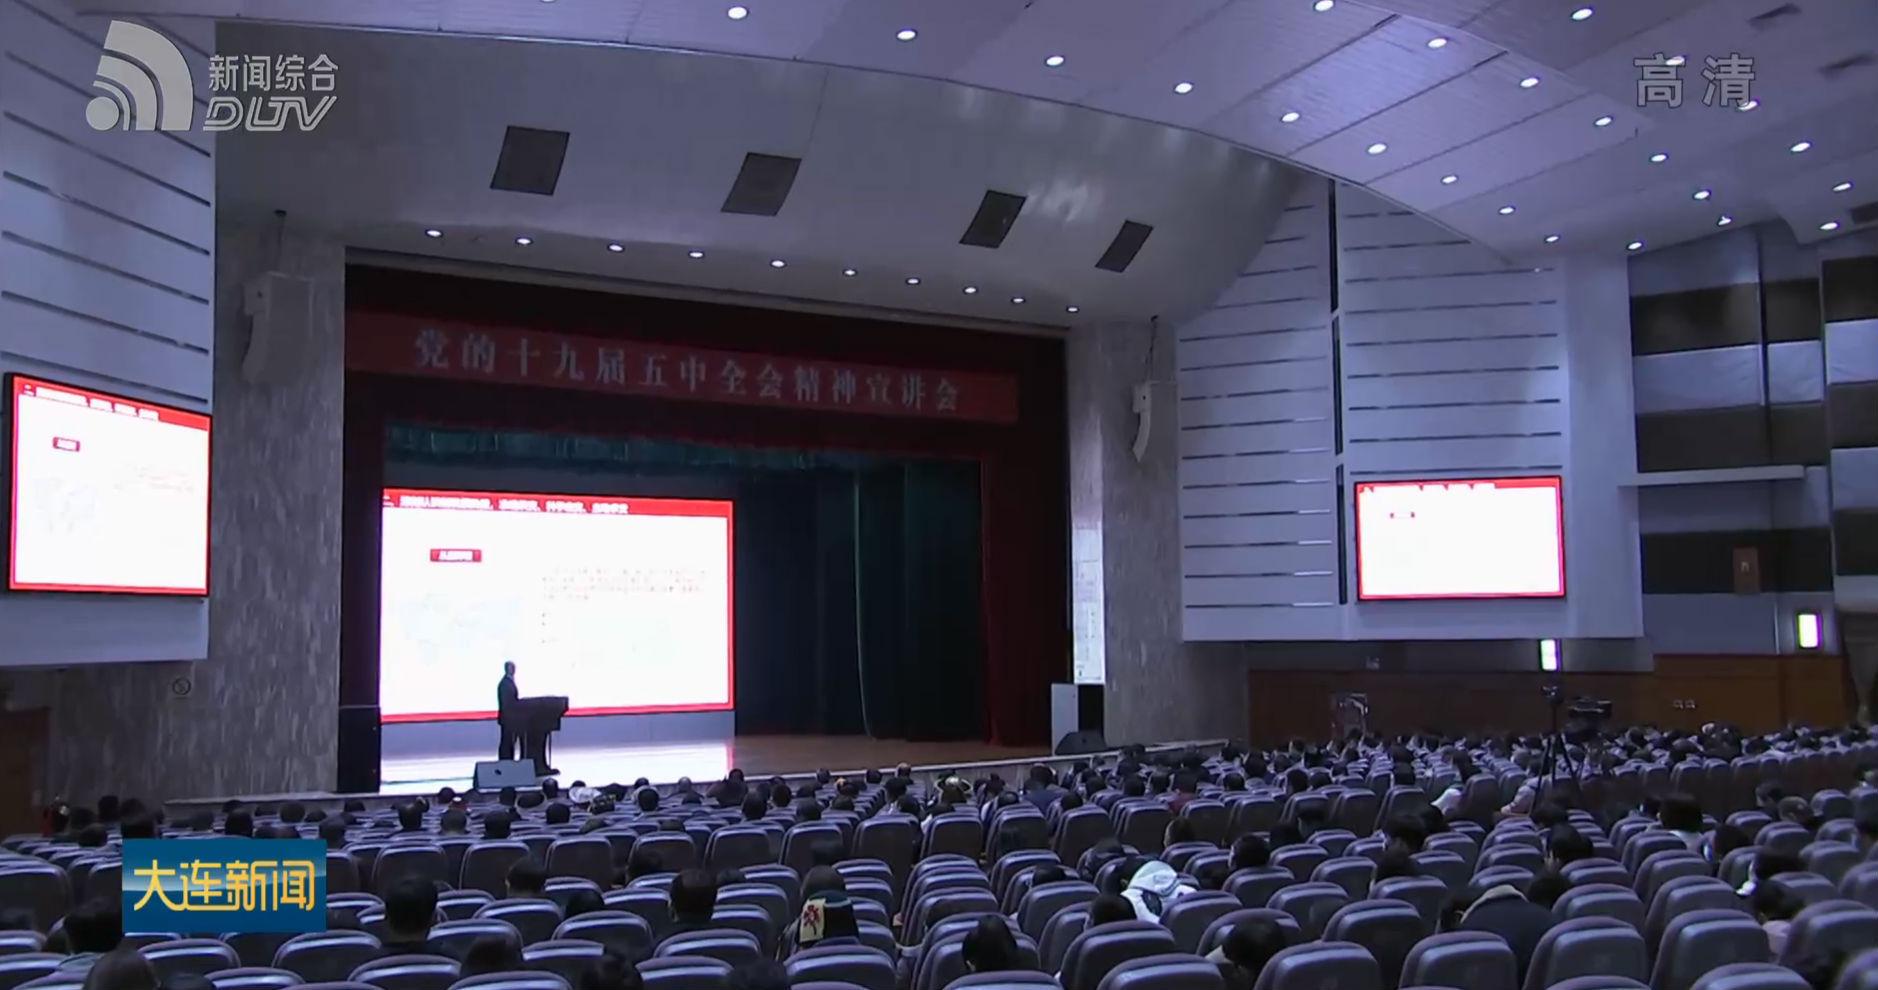 譚作鈞在大連民族大學宣講黨的十九屆五中全會精神